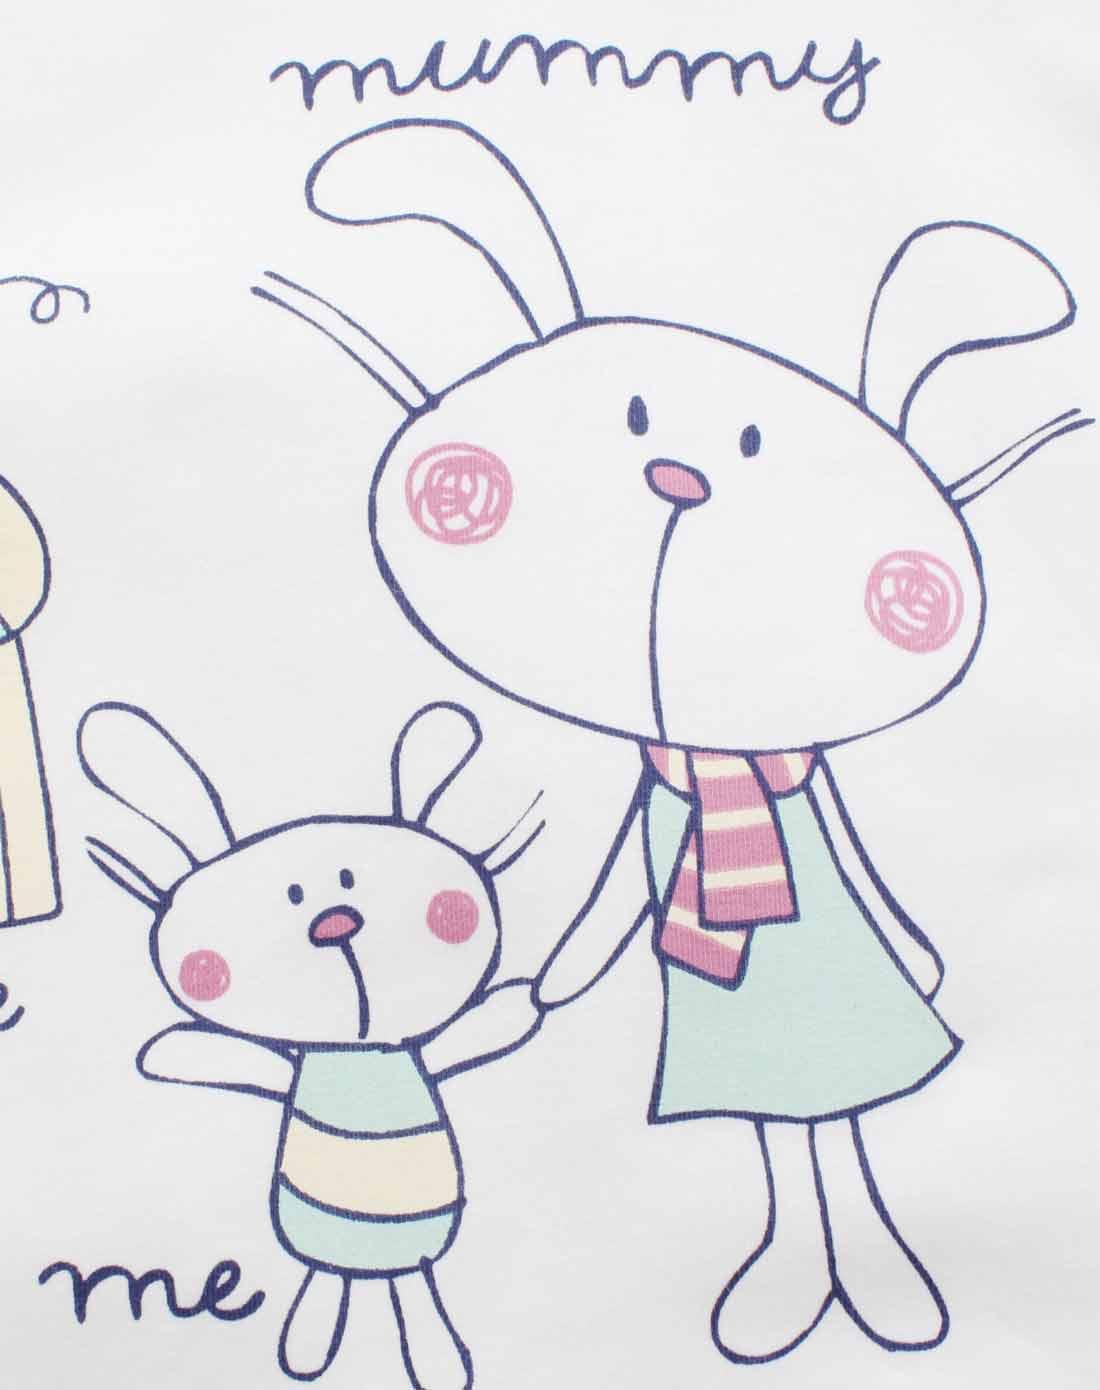 动漫 儿童画 简笔画 卡通 漫画 手绘 头像 线稿 1100_1390 竖版 竖屏